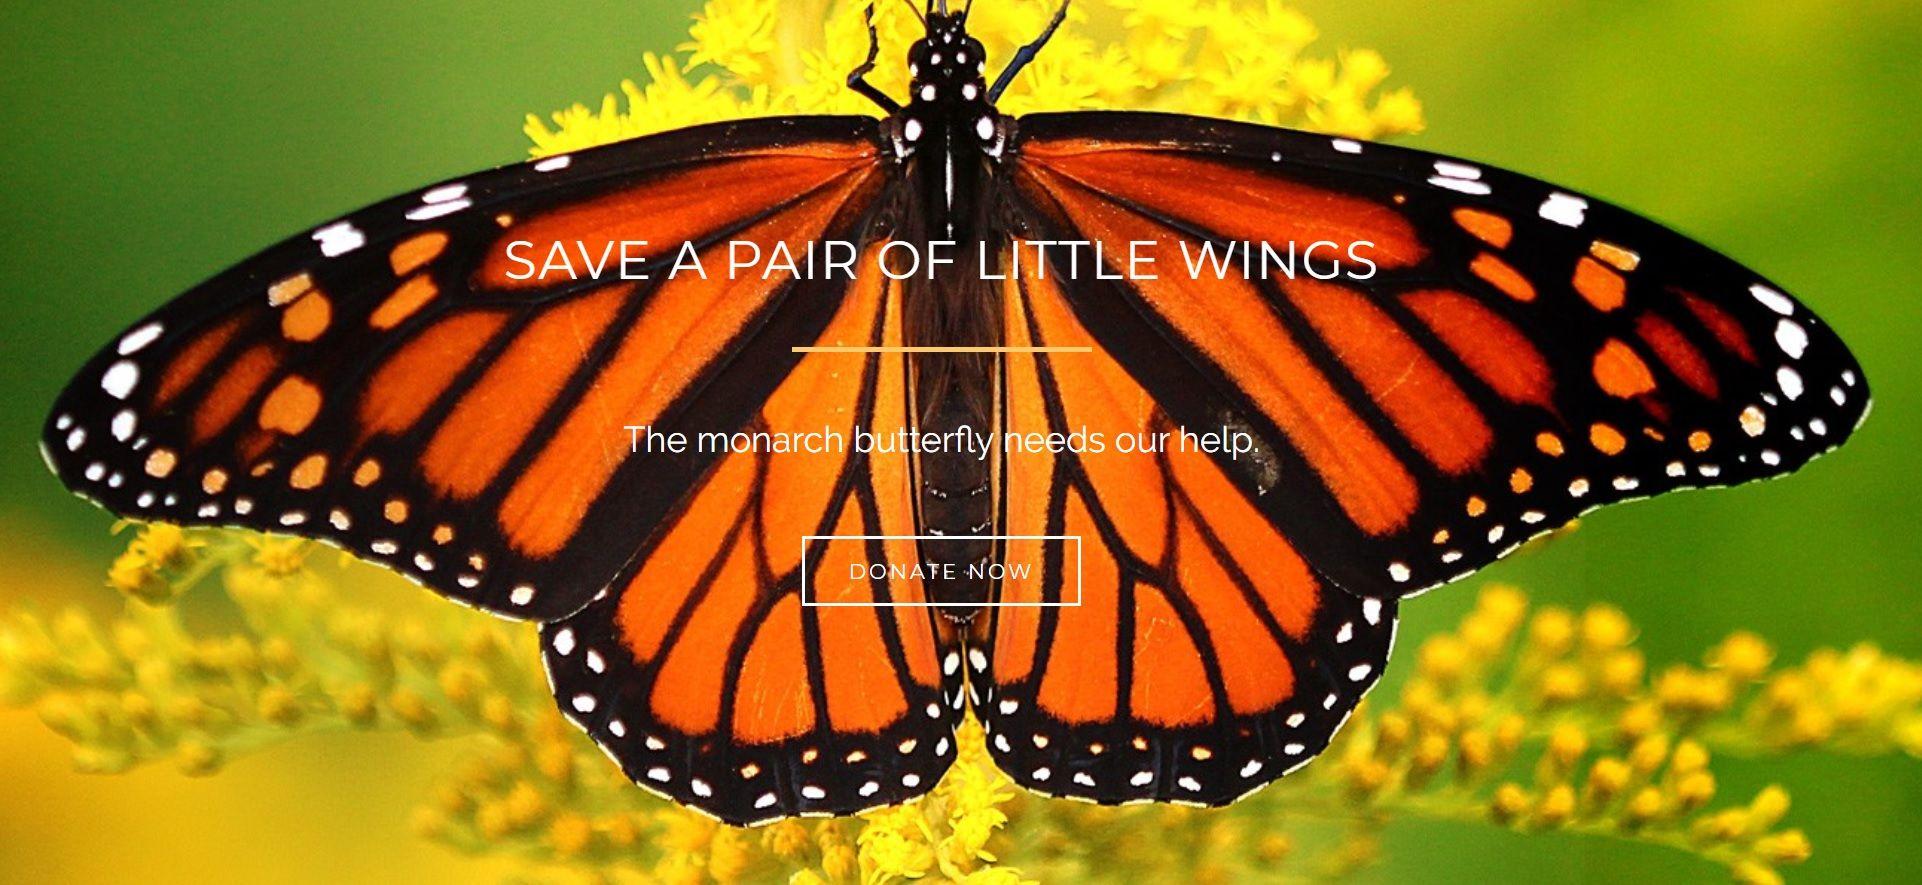 Little-Wings-Gallery-1